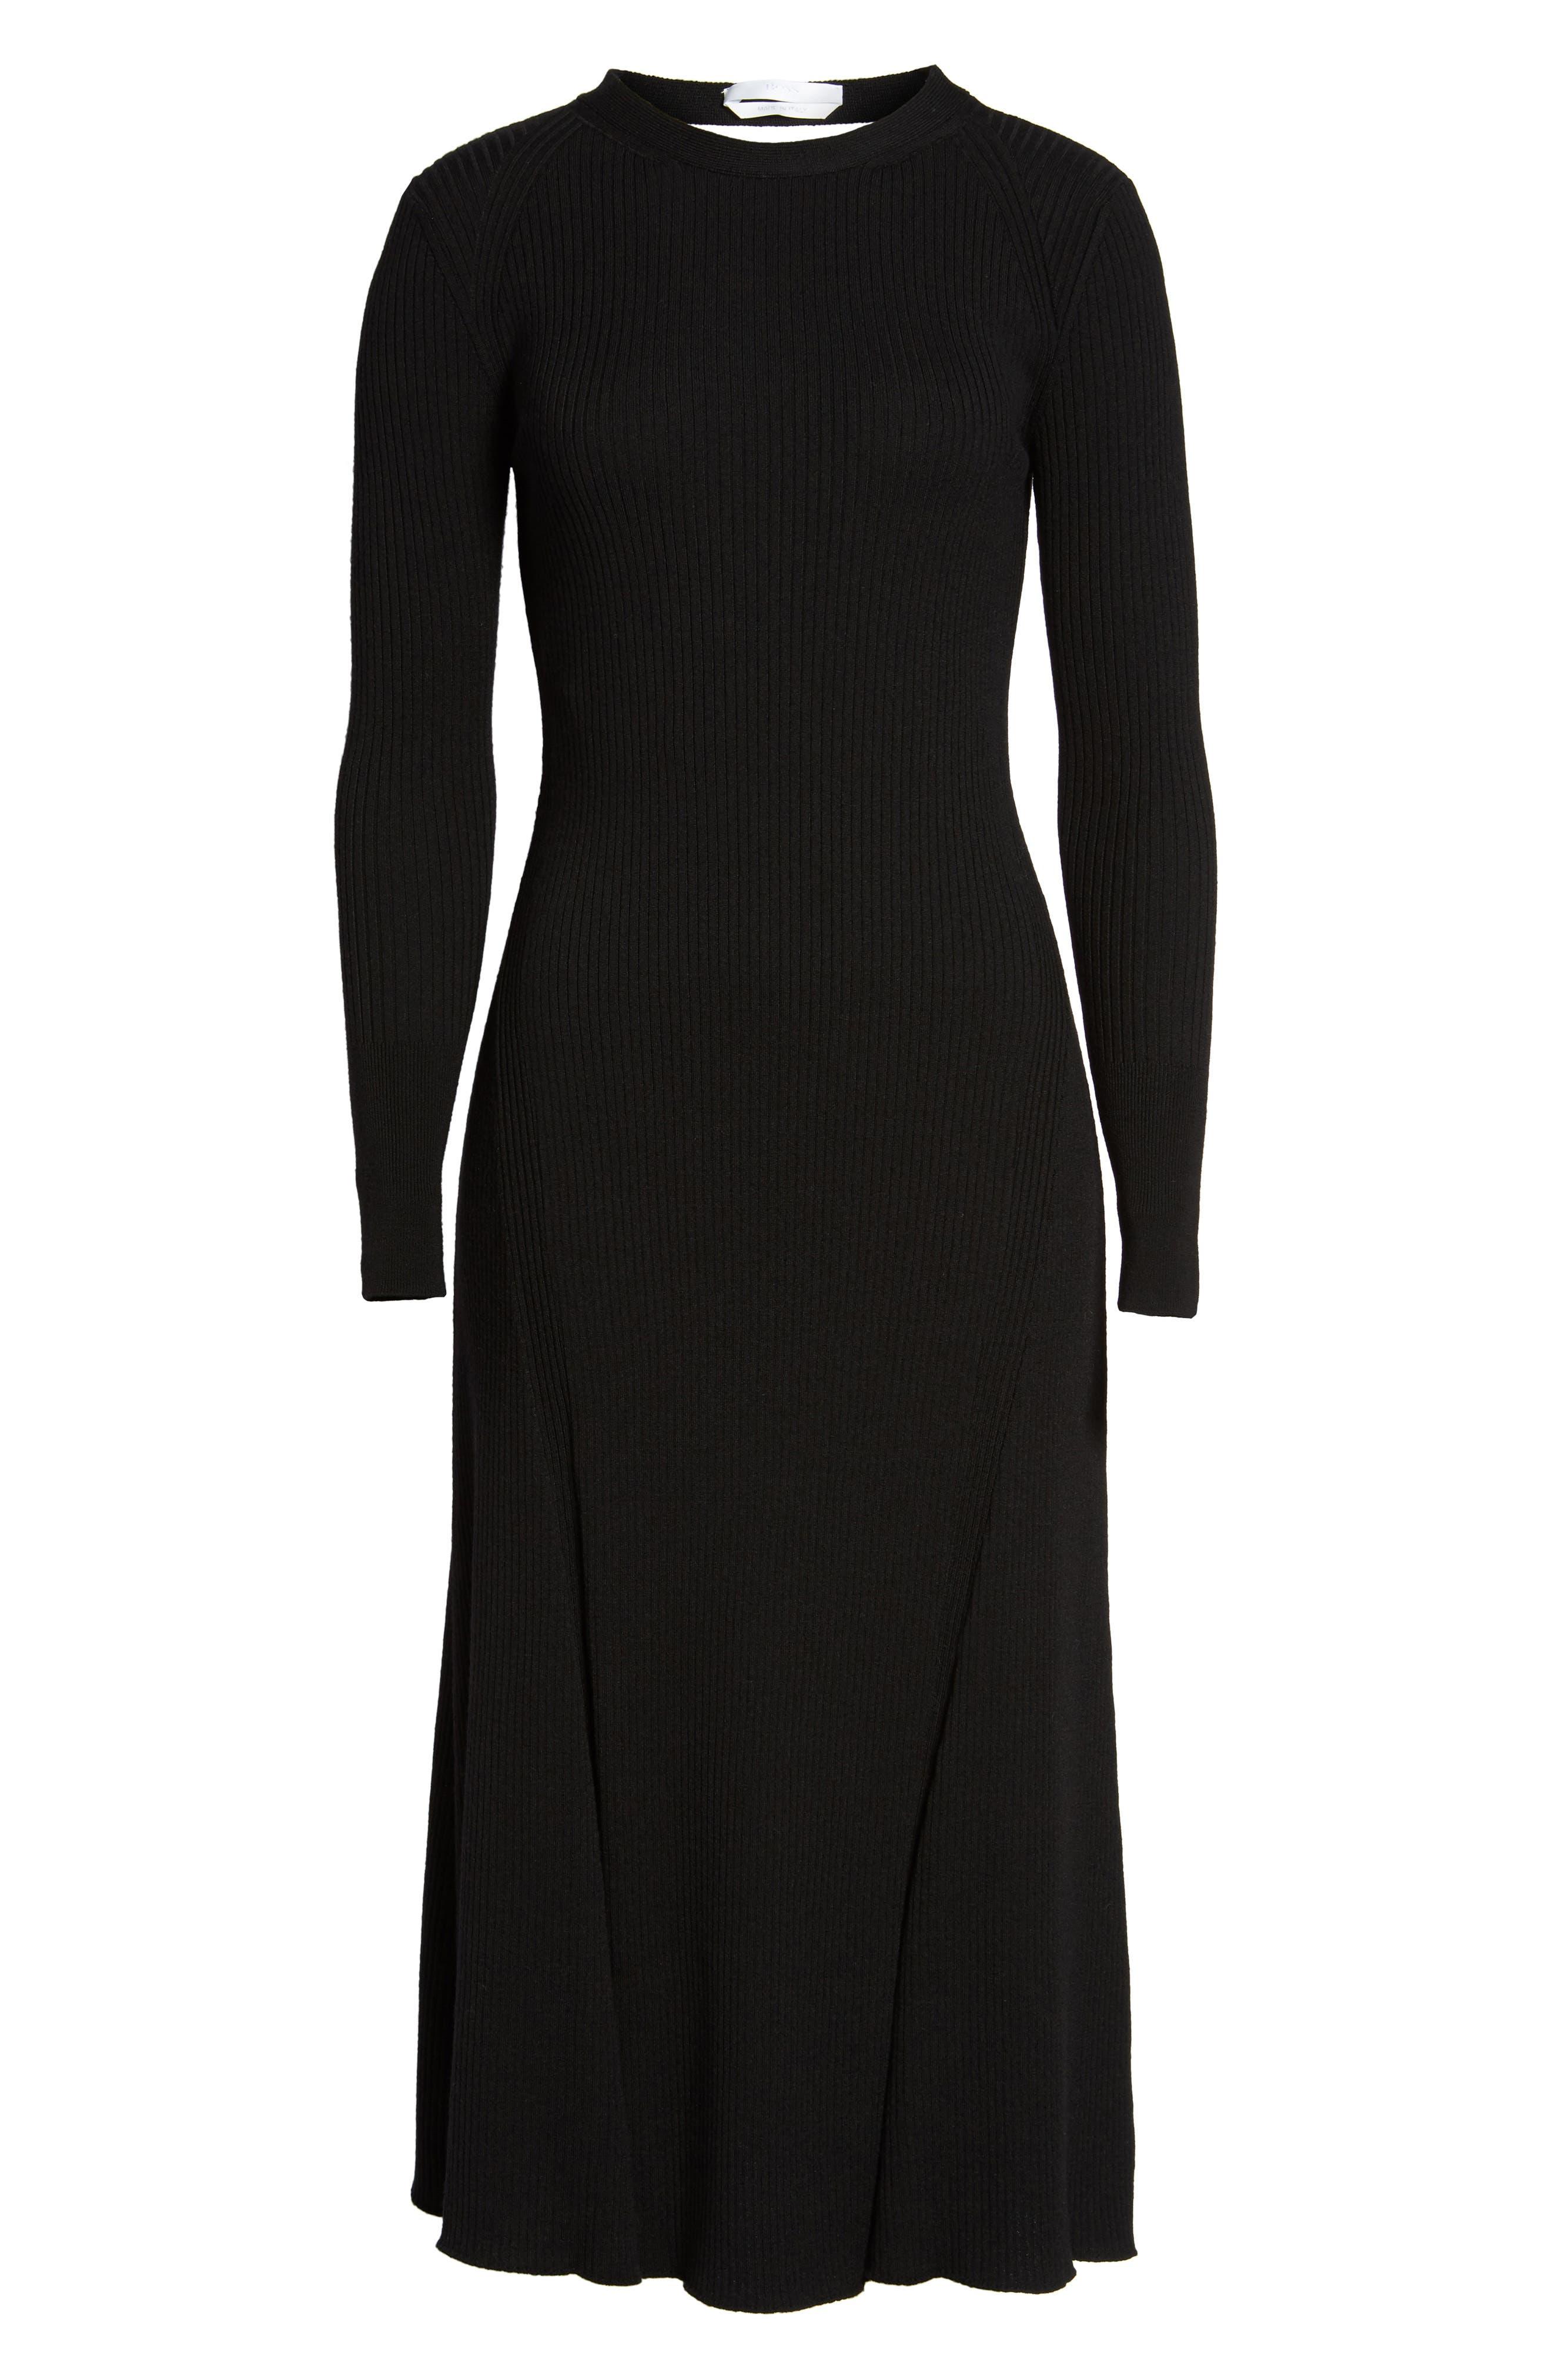 Faustine Midi Dress,                             Alternate thumbnail 6, color,                             Black